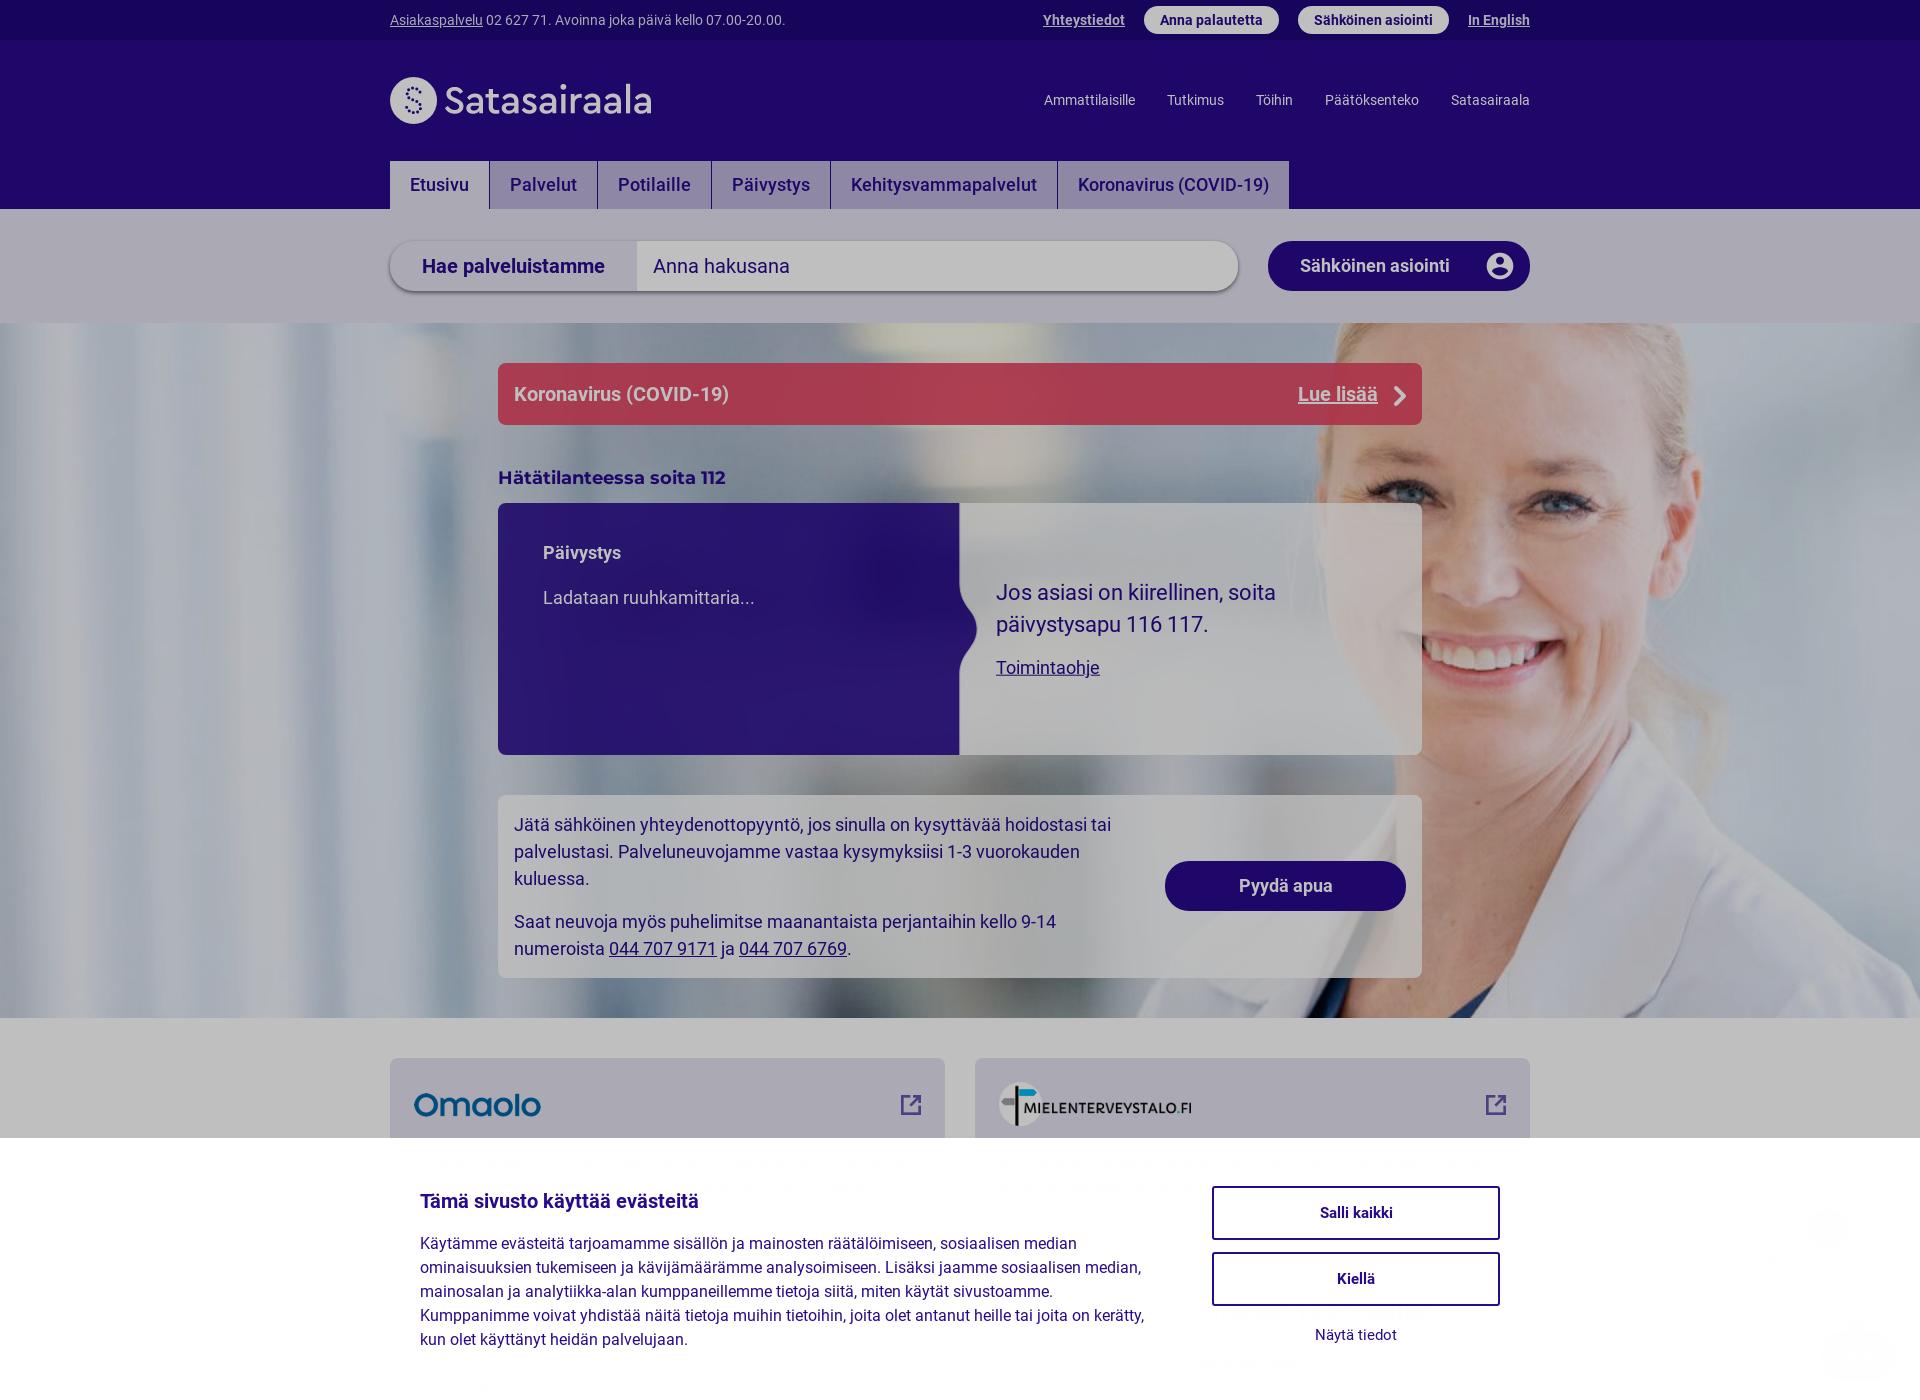 Screenshot for satasairaala.fi